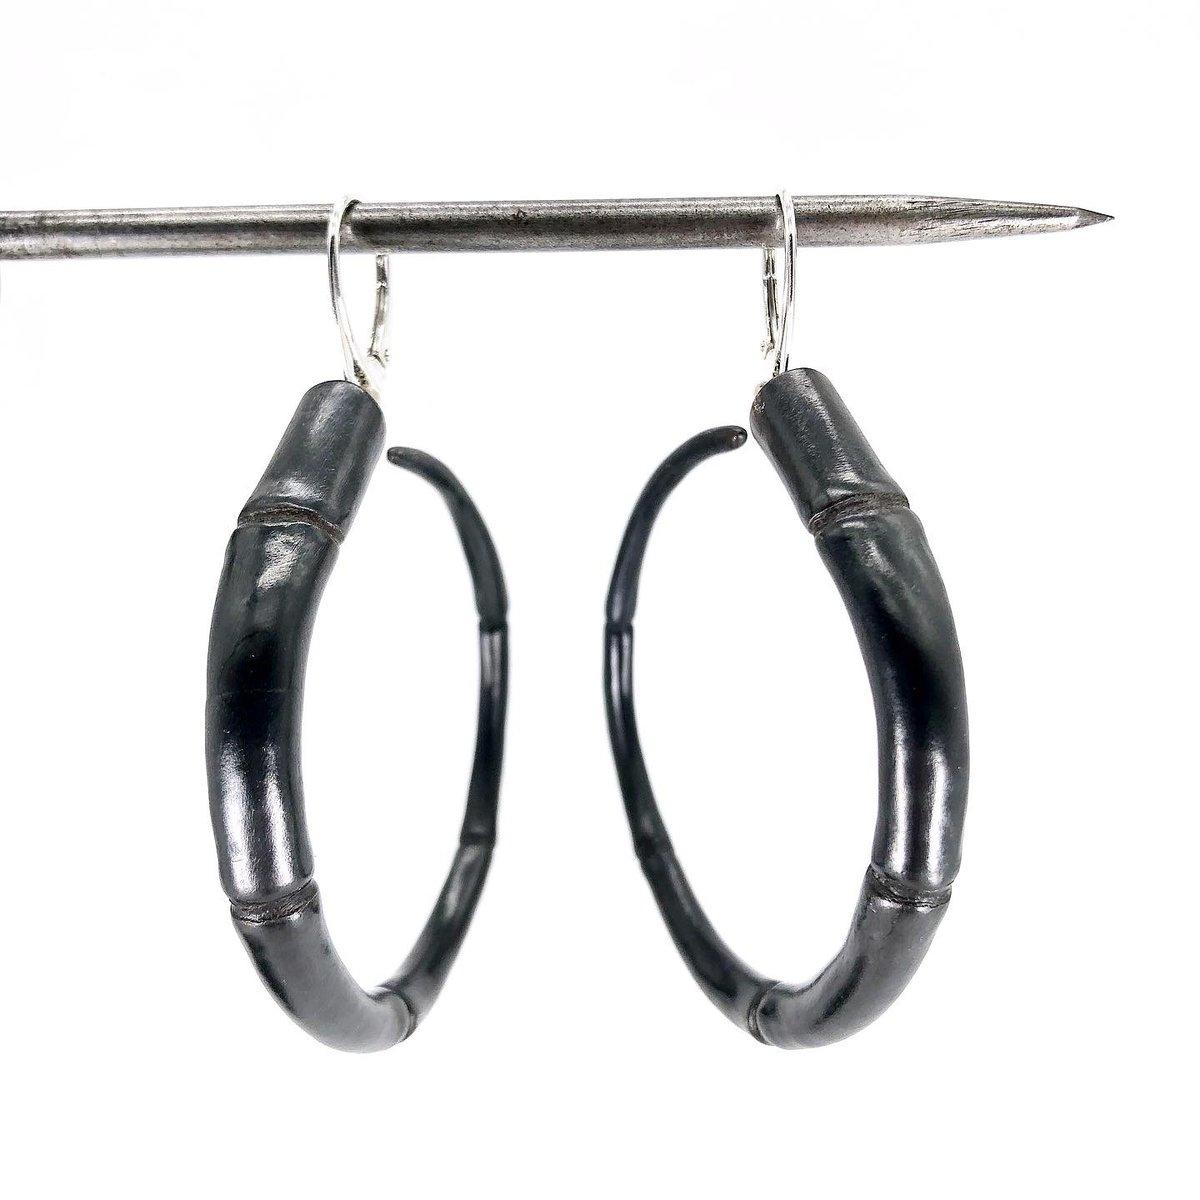 Image of Tendril Hoop Earrings, Black #2